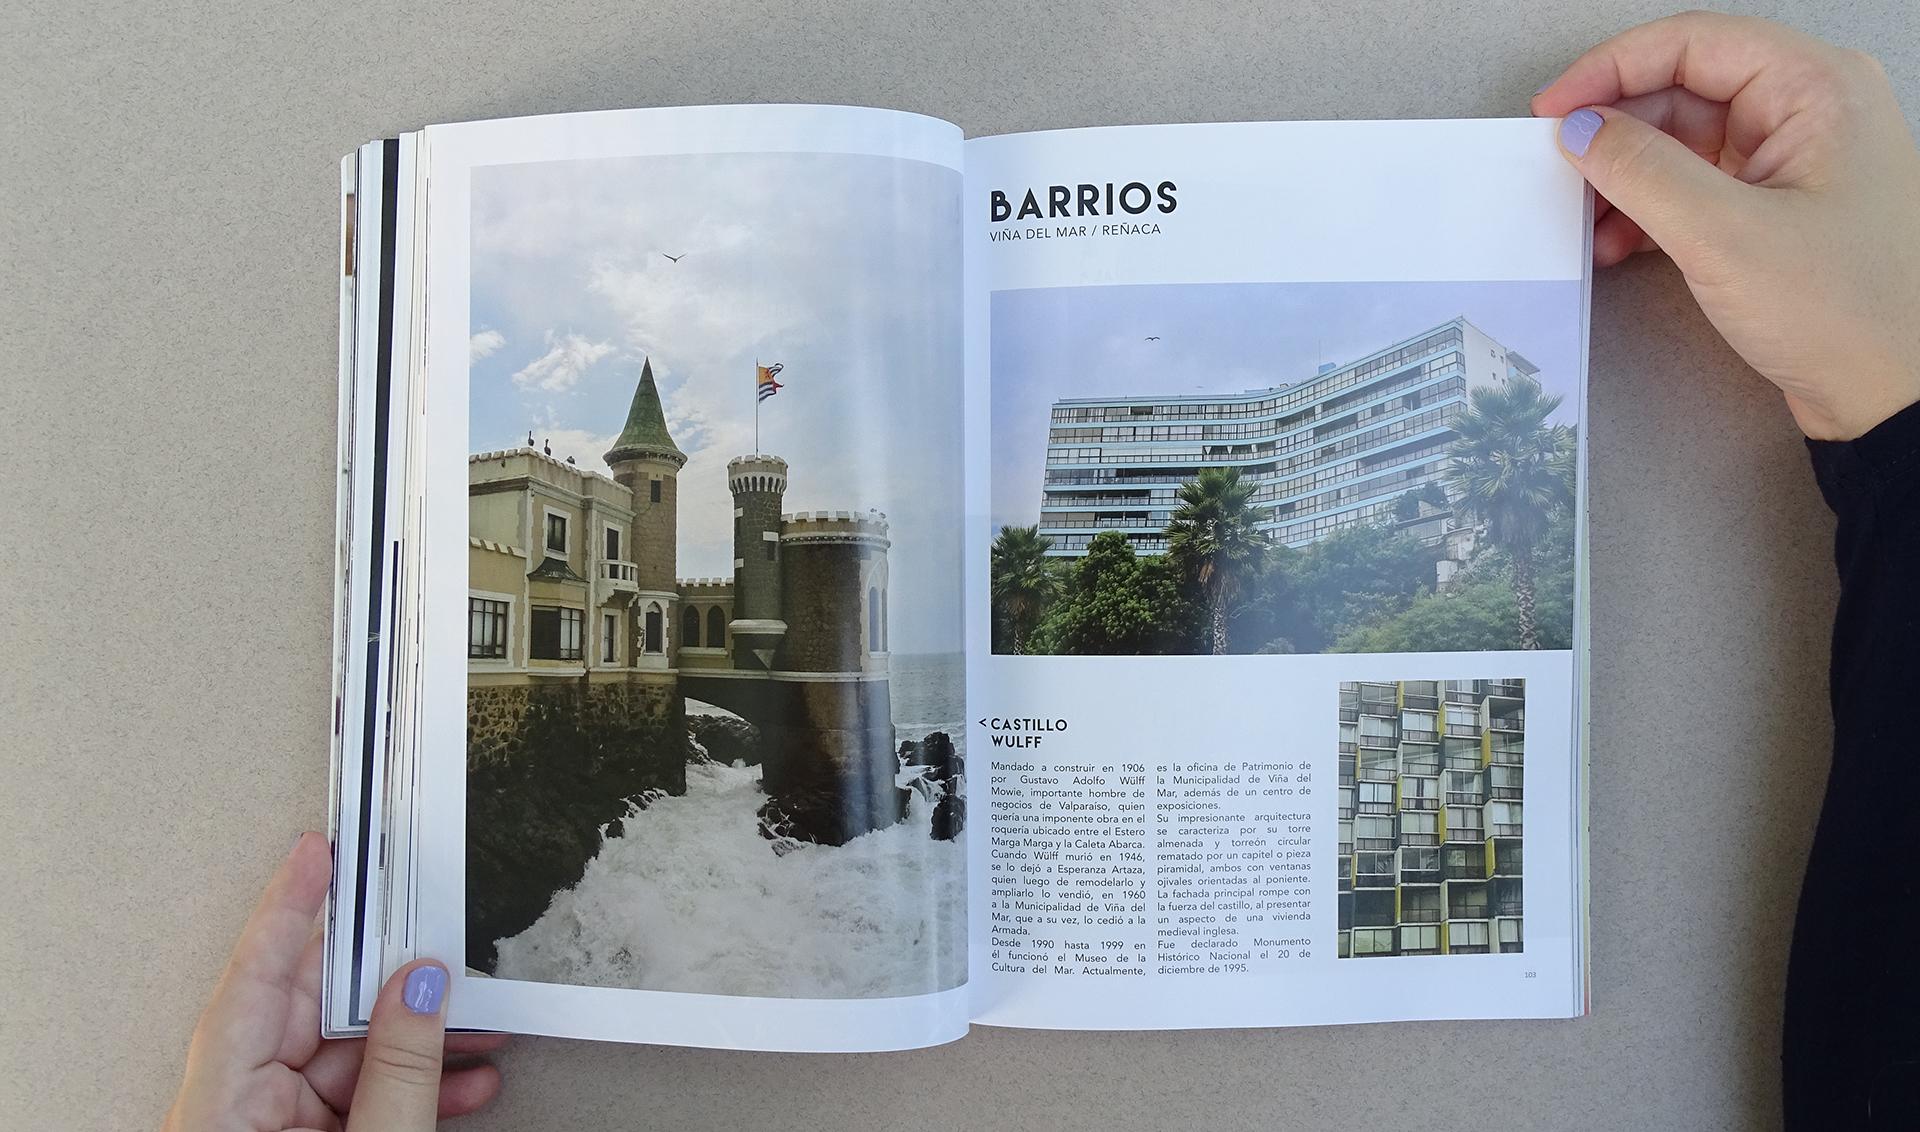 onebook-barrios-1